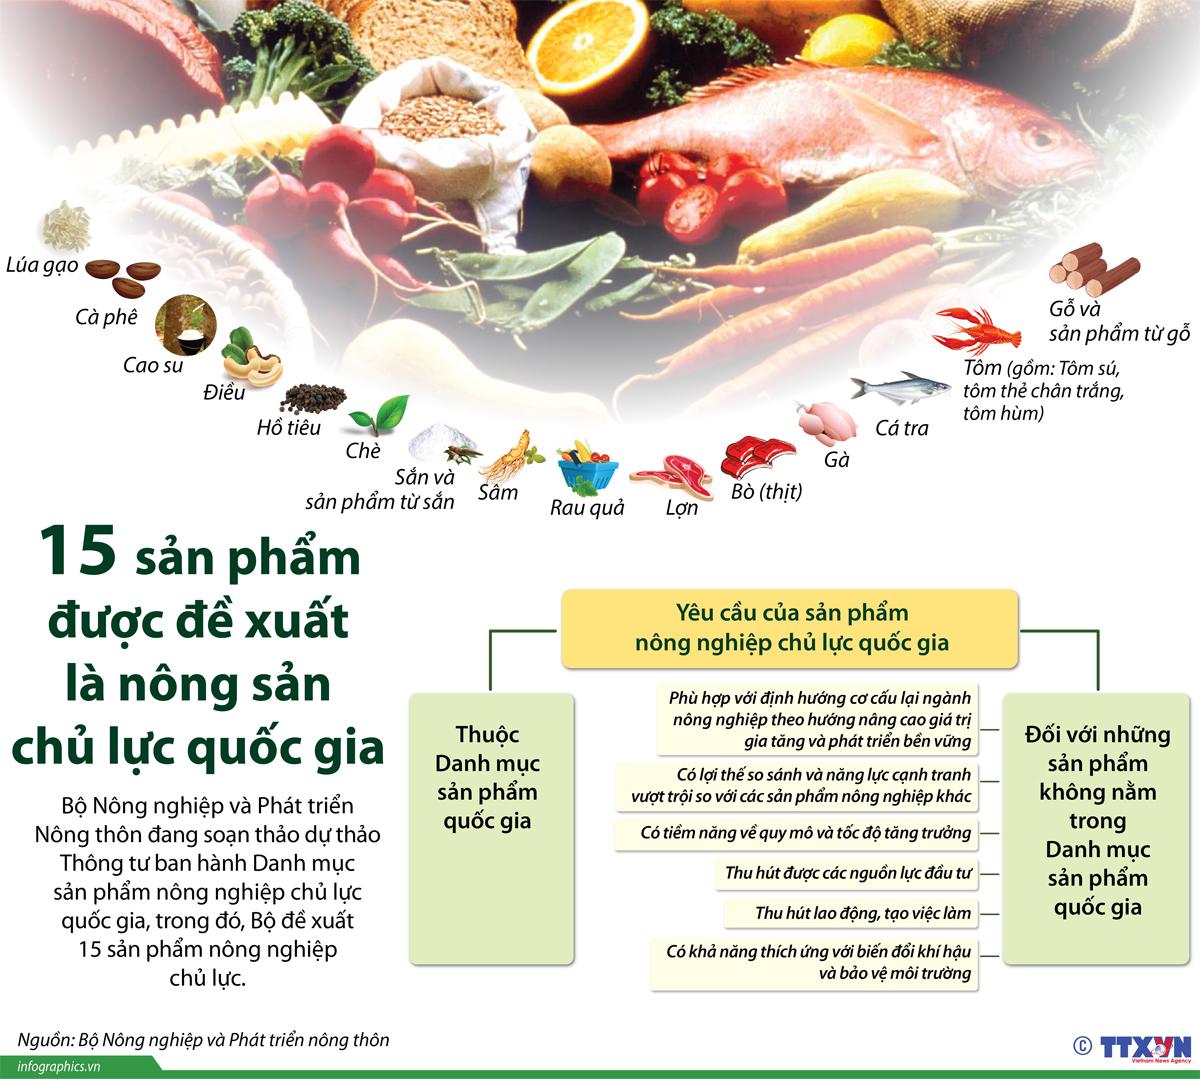 Nông sản, Thực phẩm sạch, Sản phẩm quốc gia, Danh mục sản phẩm, nông nghiệp chủ lực